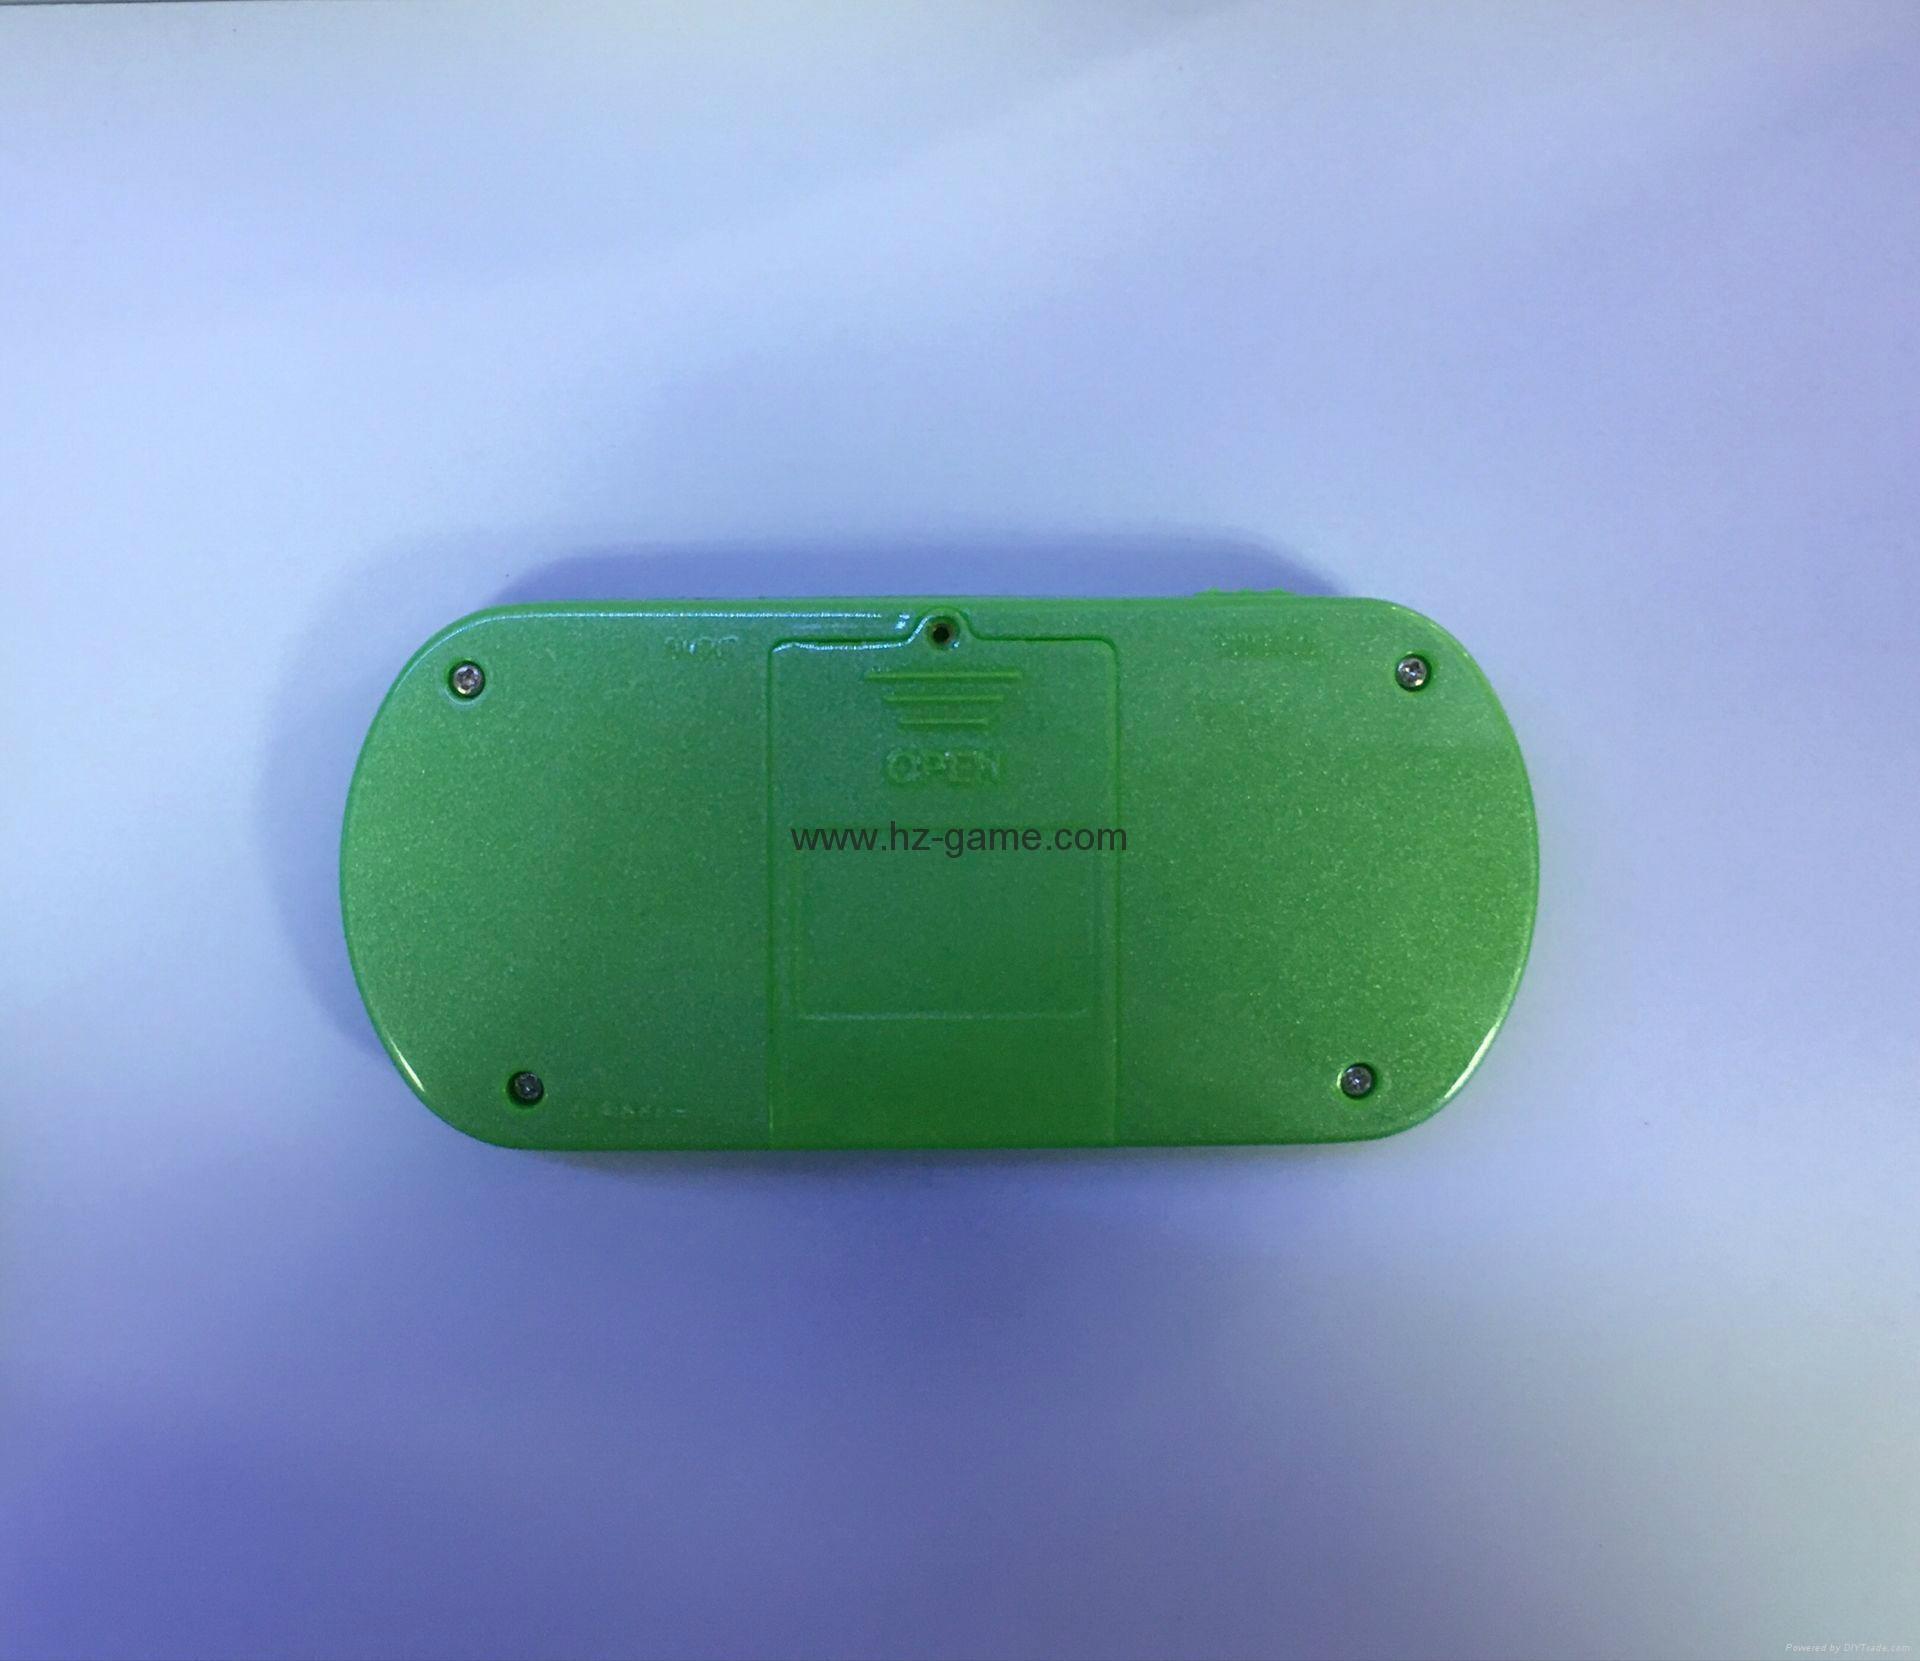 RS16游戏机儿童掌上游戏机内置260个游戏NESFC红白机PVPPXP3 8